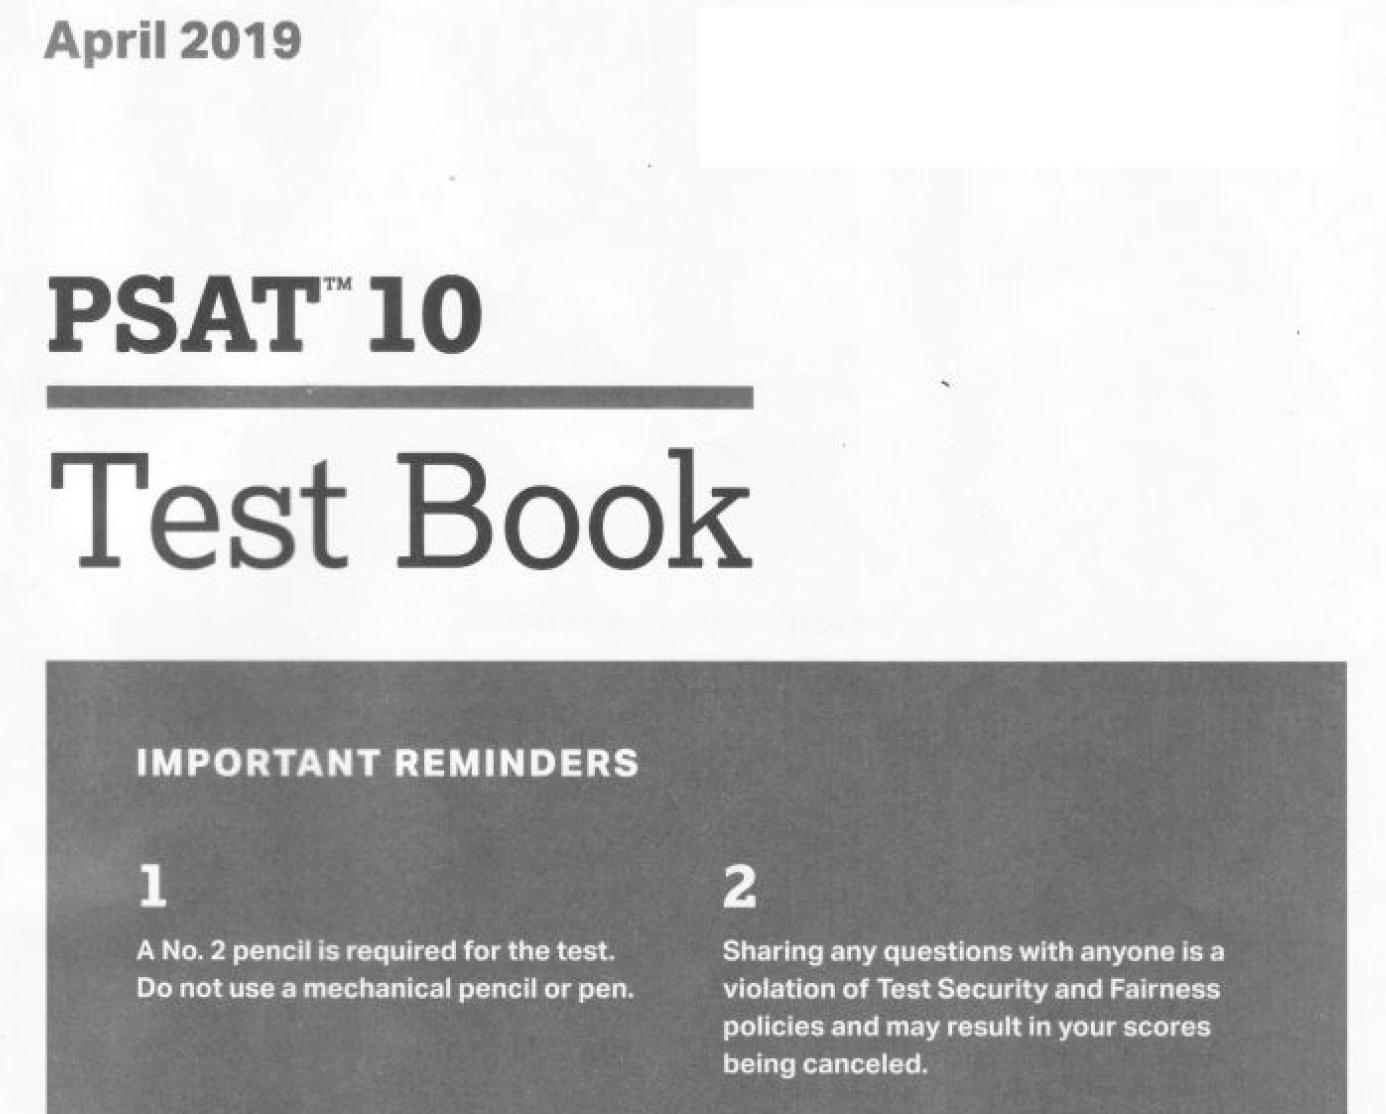 April 2019 PSAT 10 Test